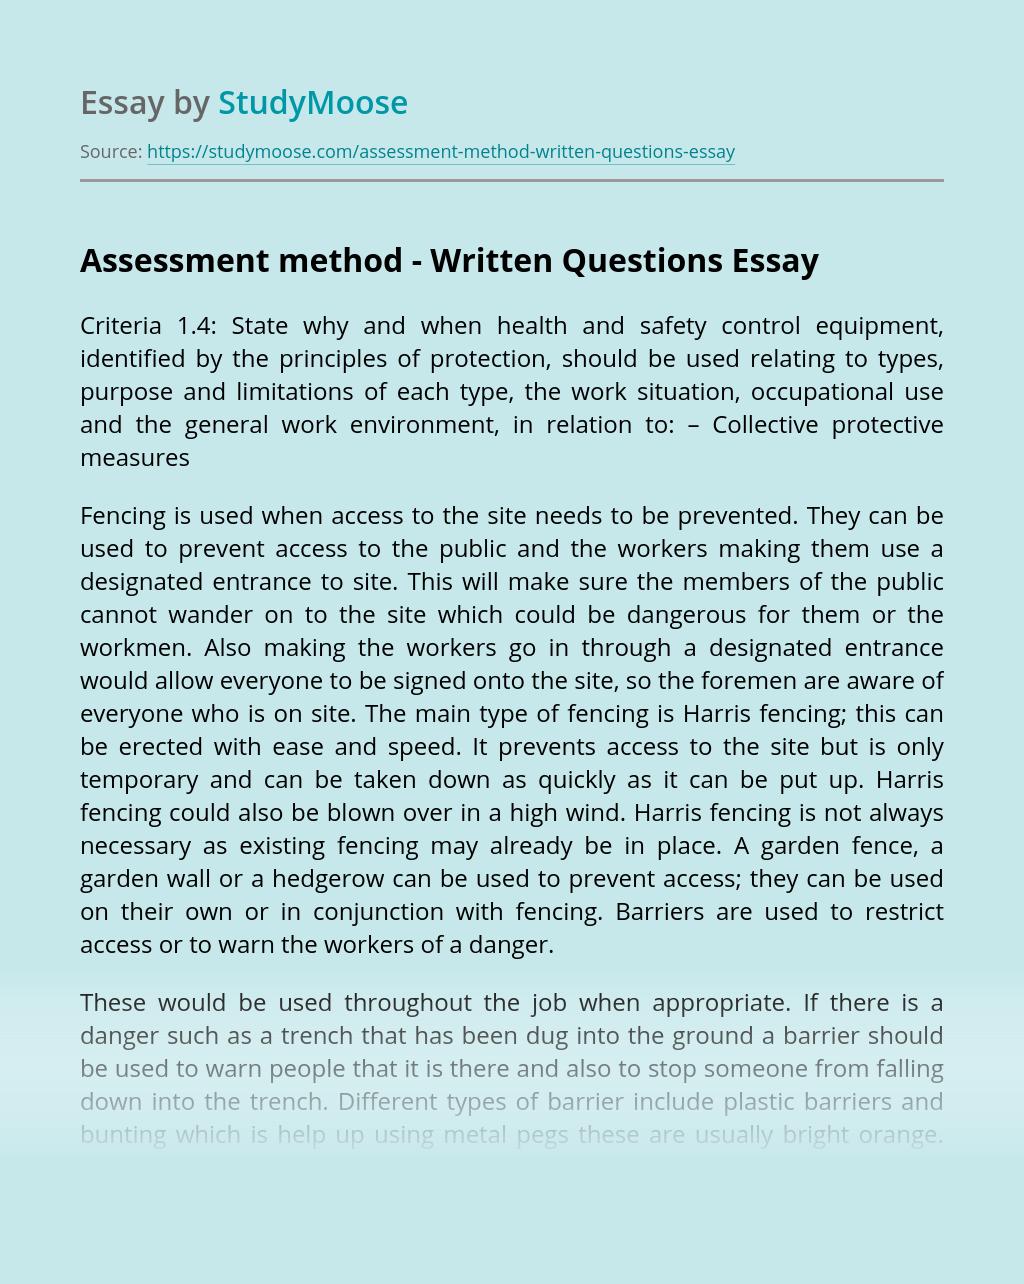 Assessment method - Written Questions